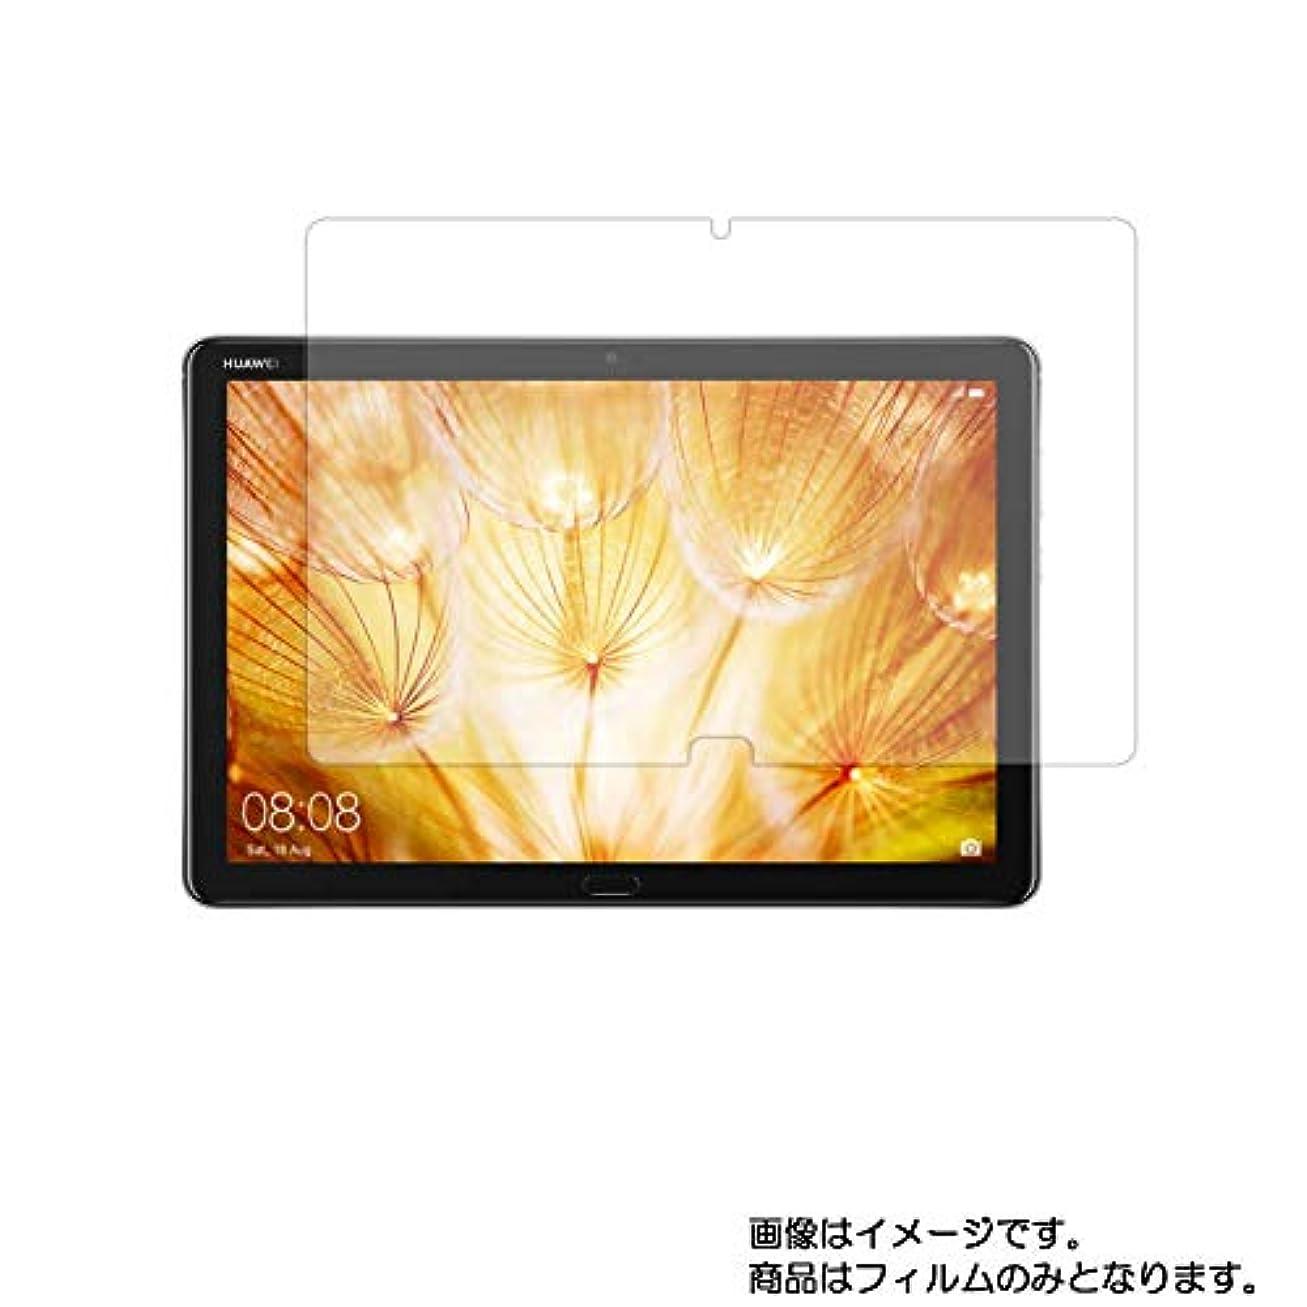 入る硬さ下位HUAWEI MediaPad M5 lite 10.1インチ 2018年11月モデル 用【反射防止ノンフィラータイプ】液晶保護フィルム ギラツキなし